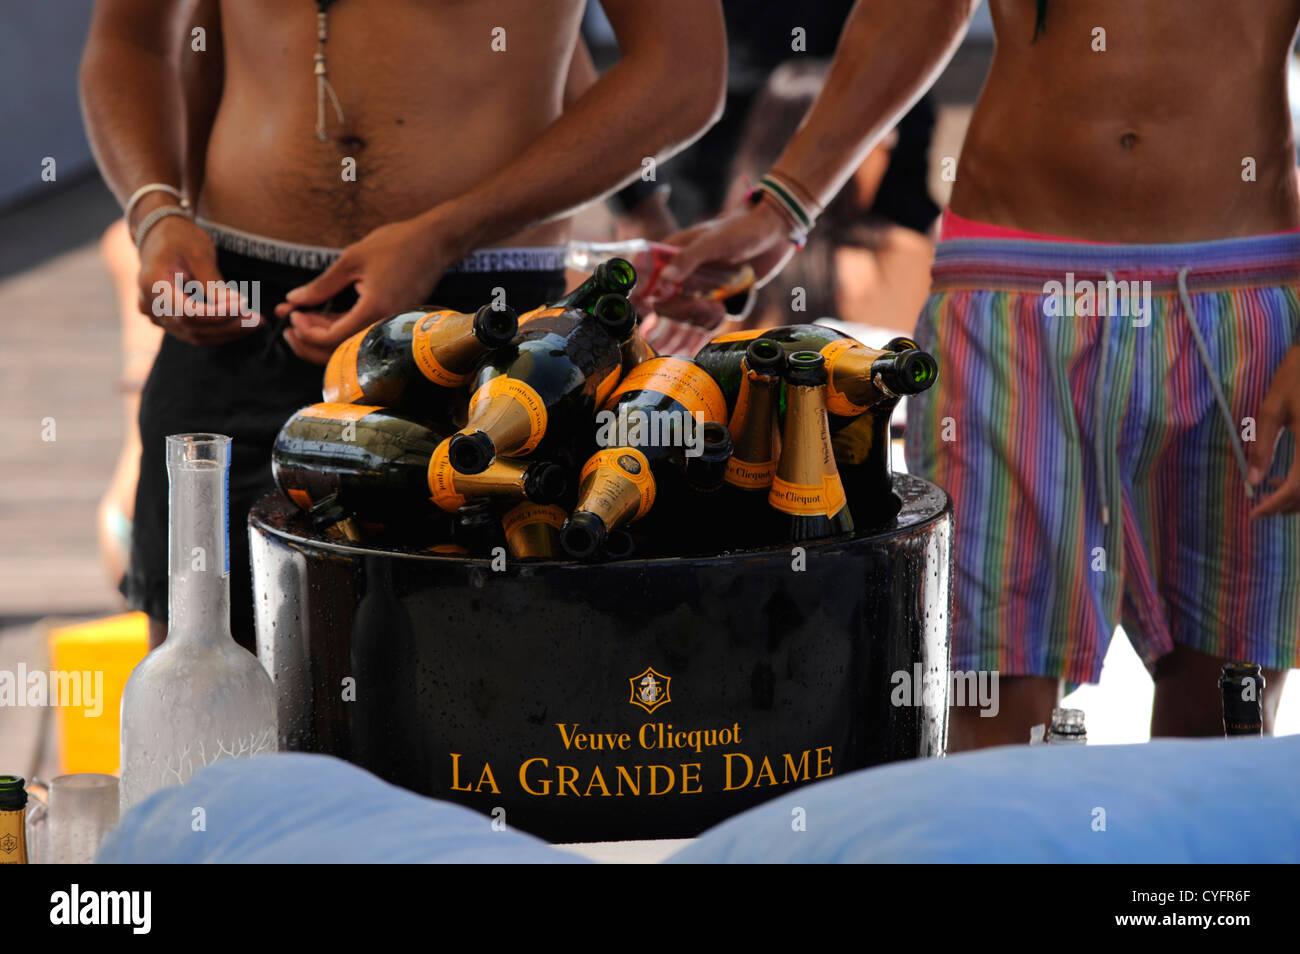 2 ragazzi in piedi accanto a decine di svuotare le bottiglie di champagne impilati in un secchiello per il ghiaccio,che Immagini Stock